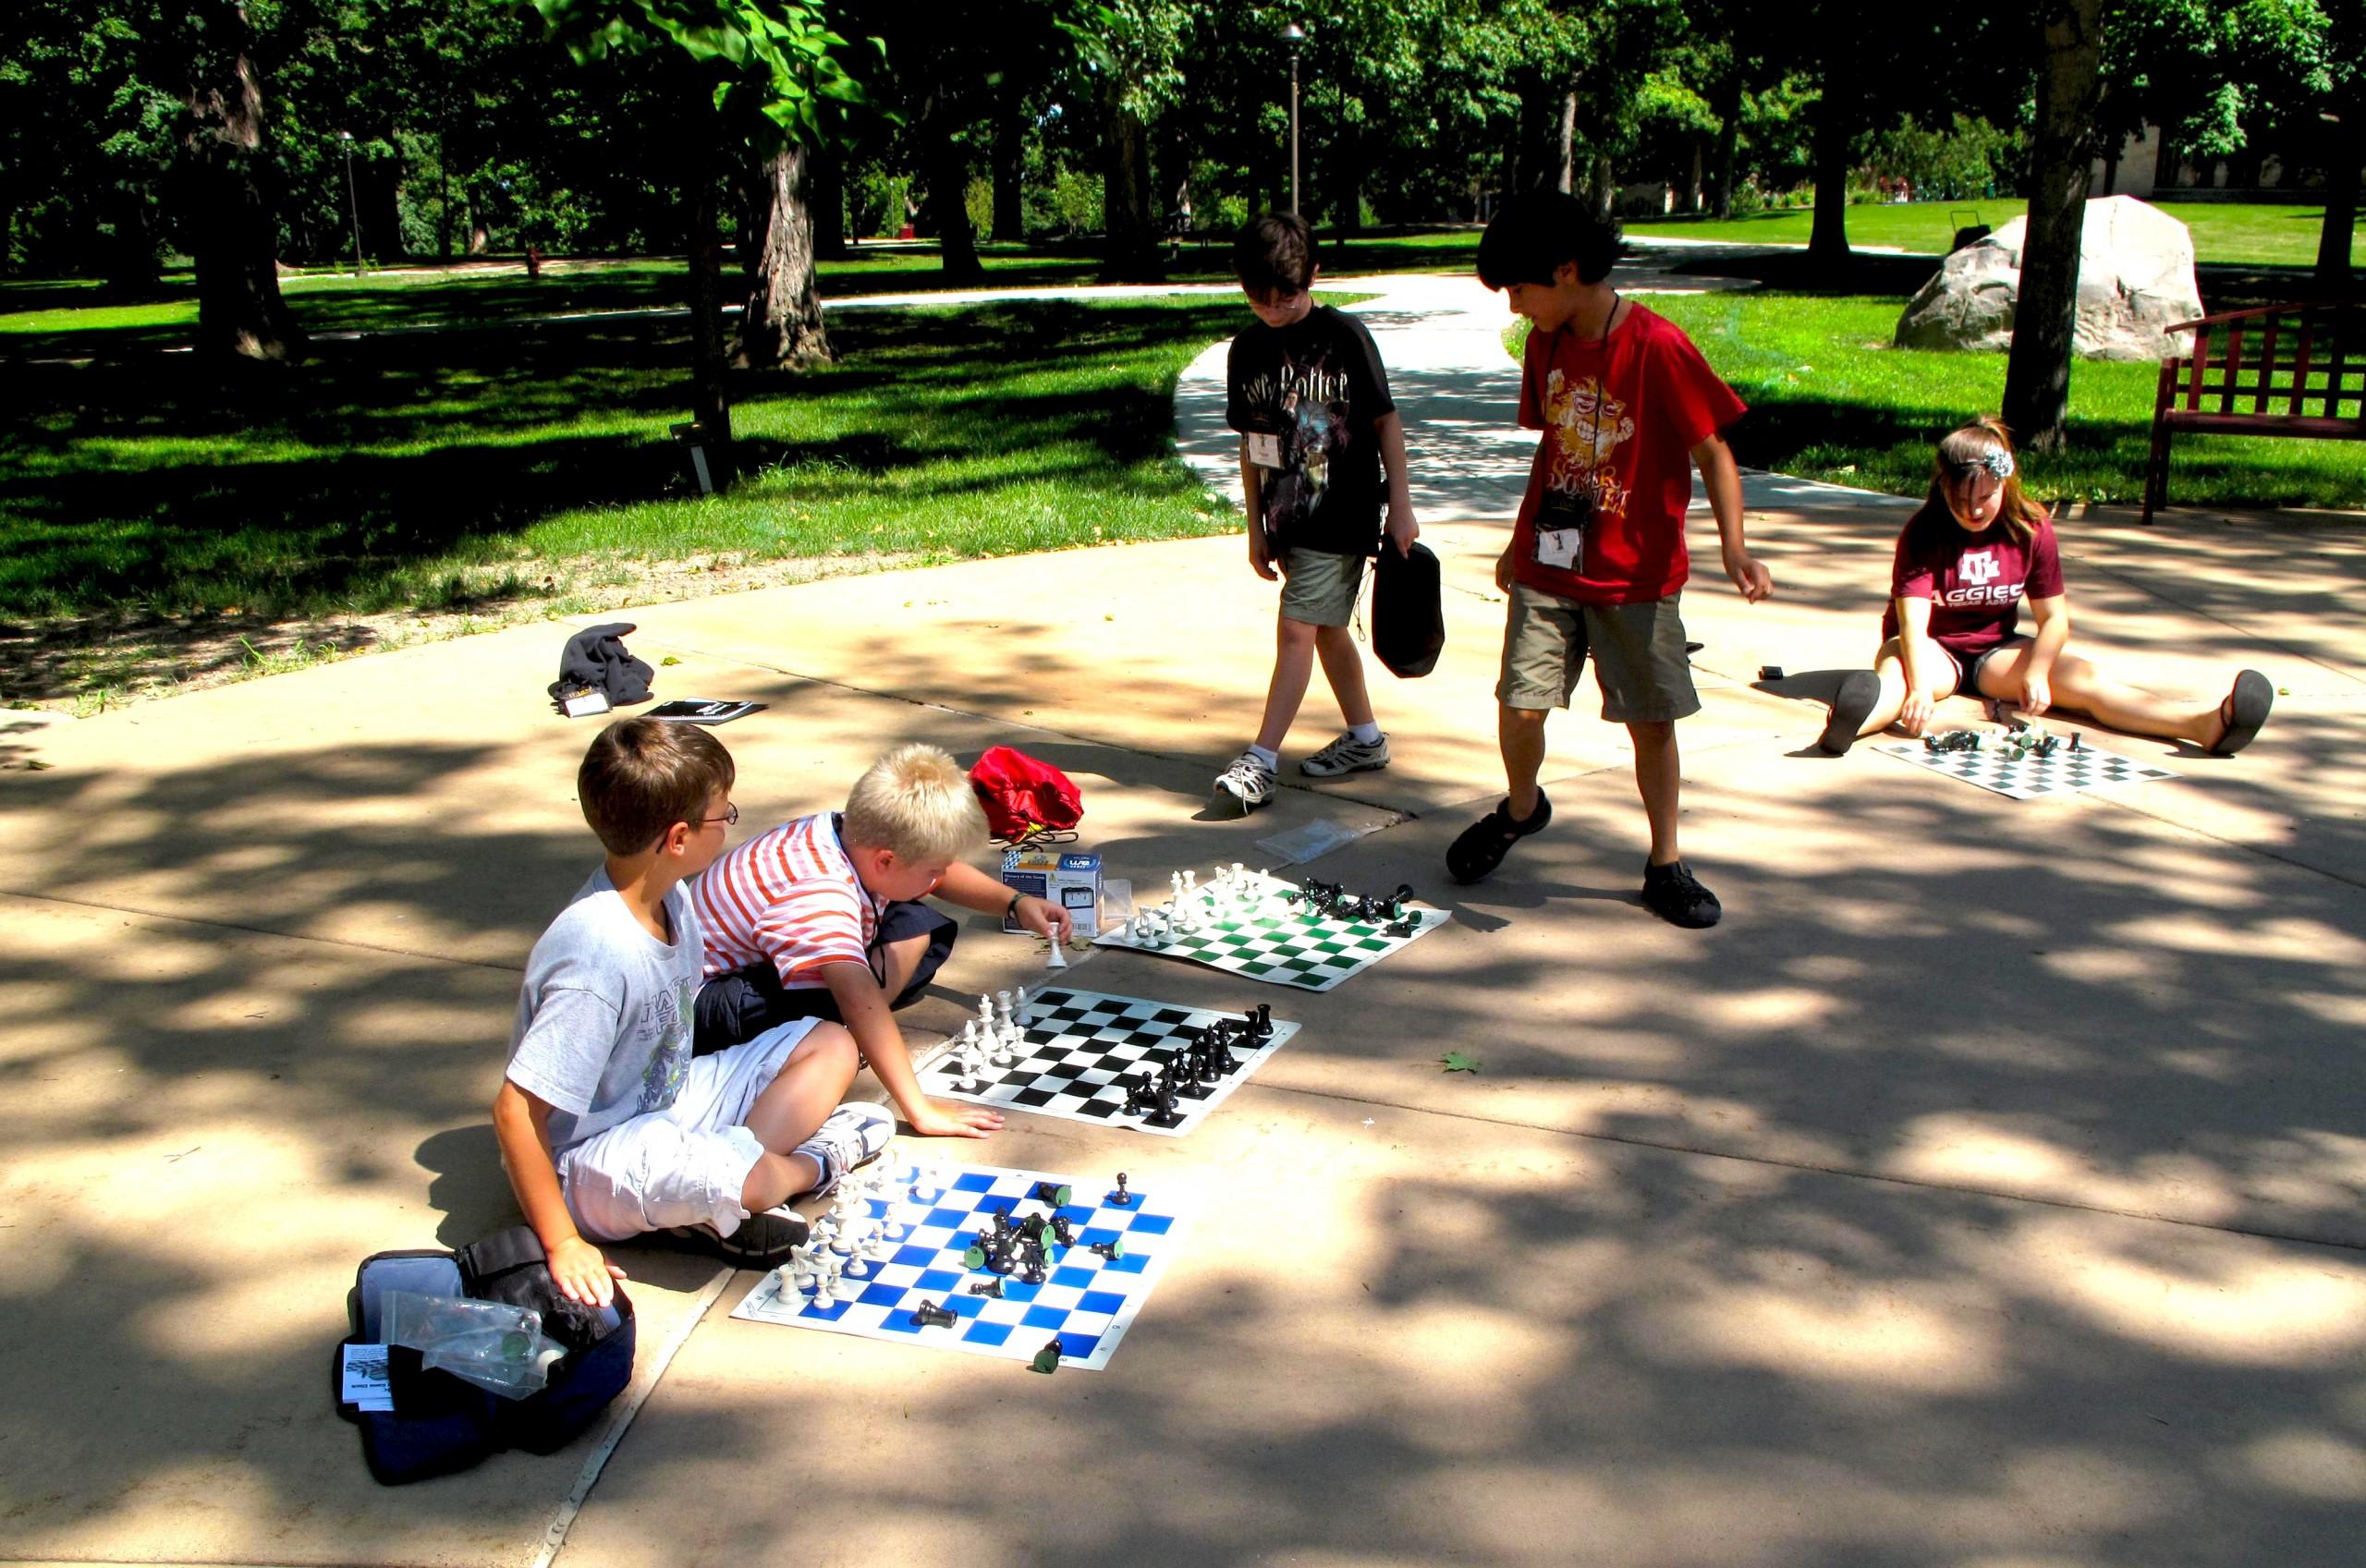 chessyoungkidsoutside